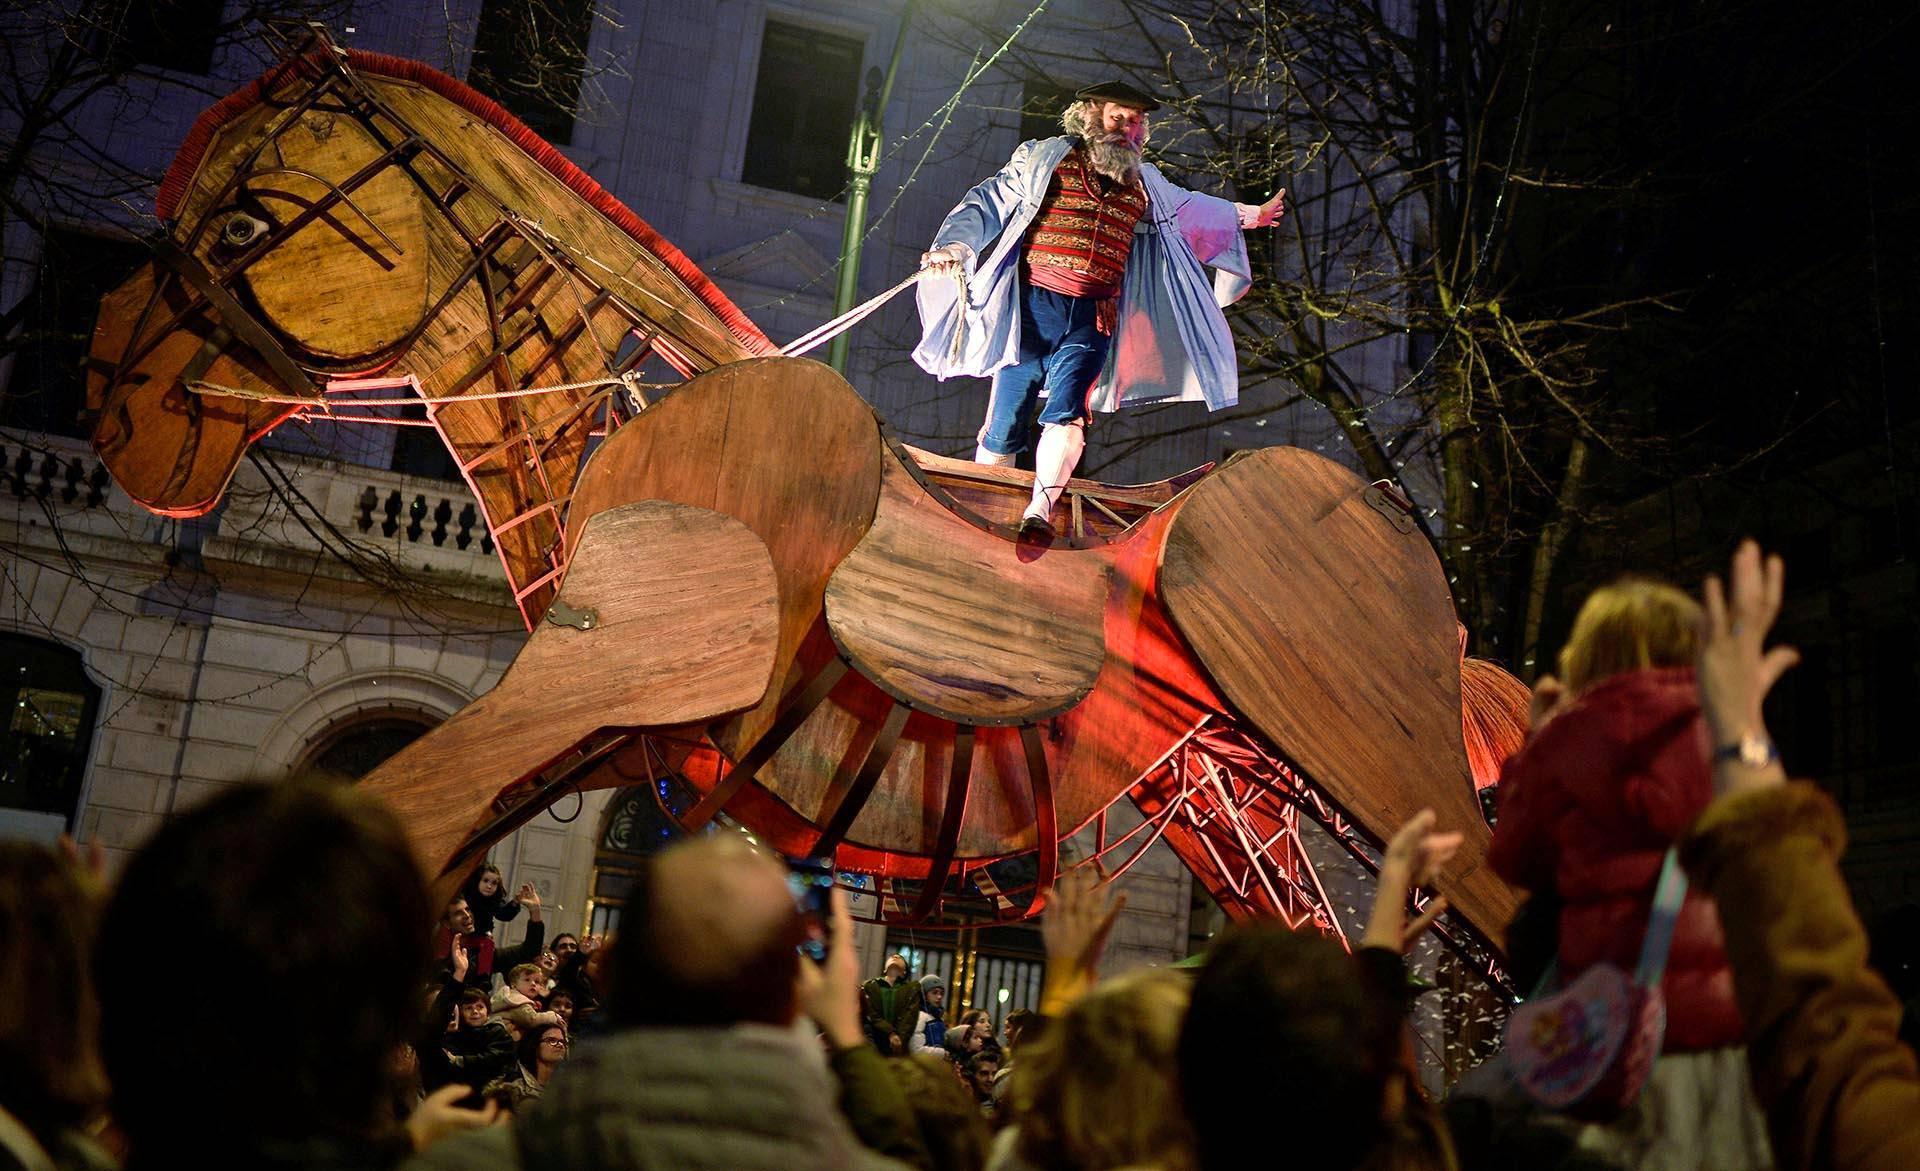 Olentzero on Baskimaan vastine joulupukille. Olentzero ratsasti puuhevosella joulukulkueessa Bilbaossa.